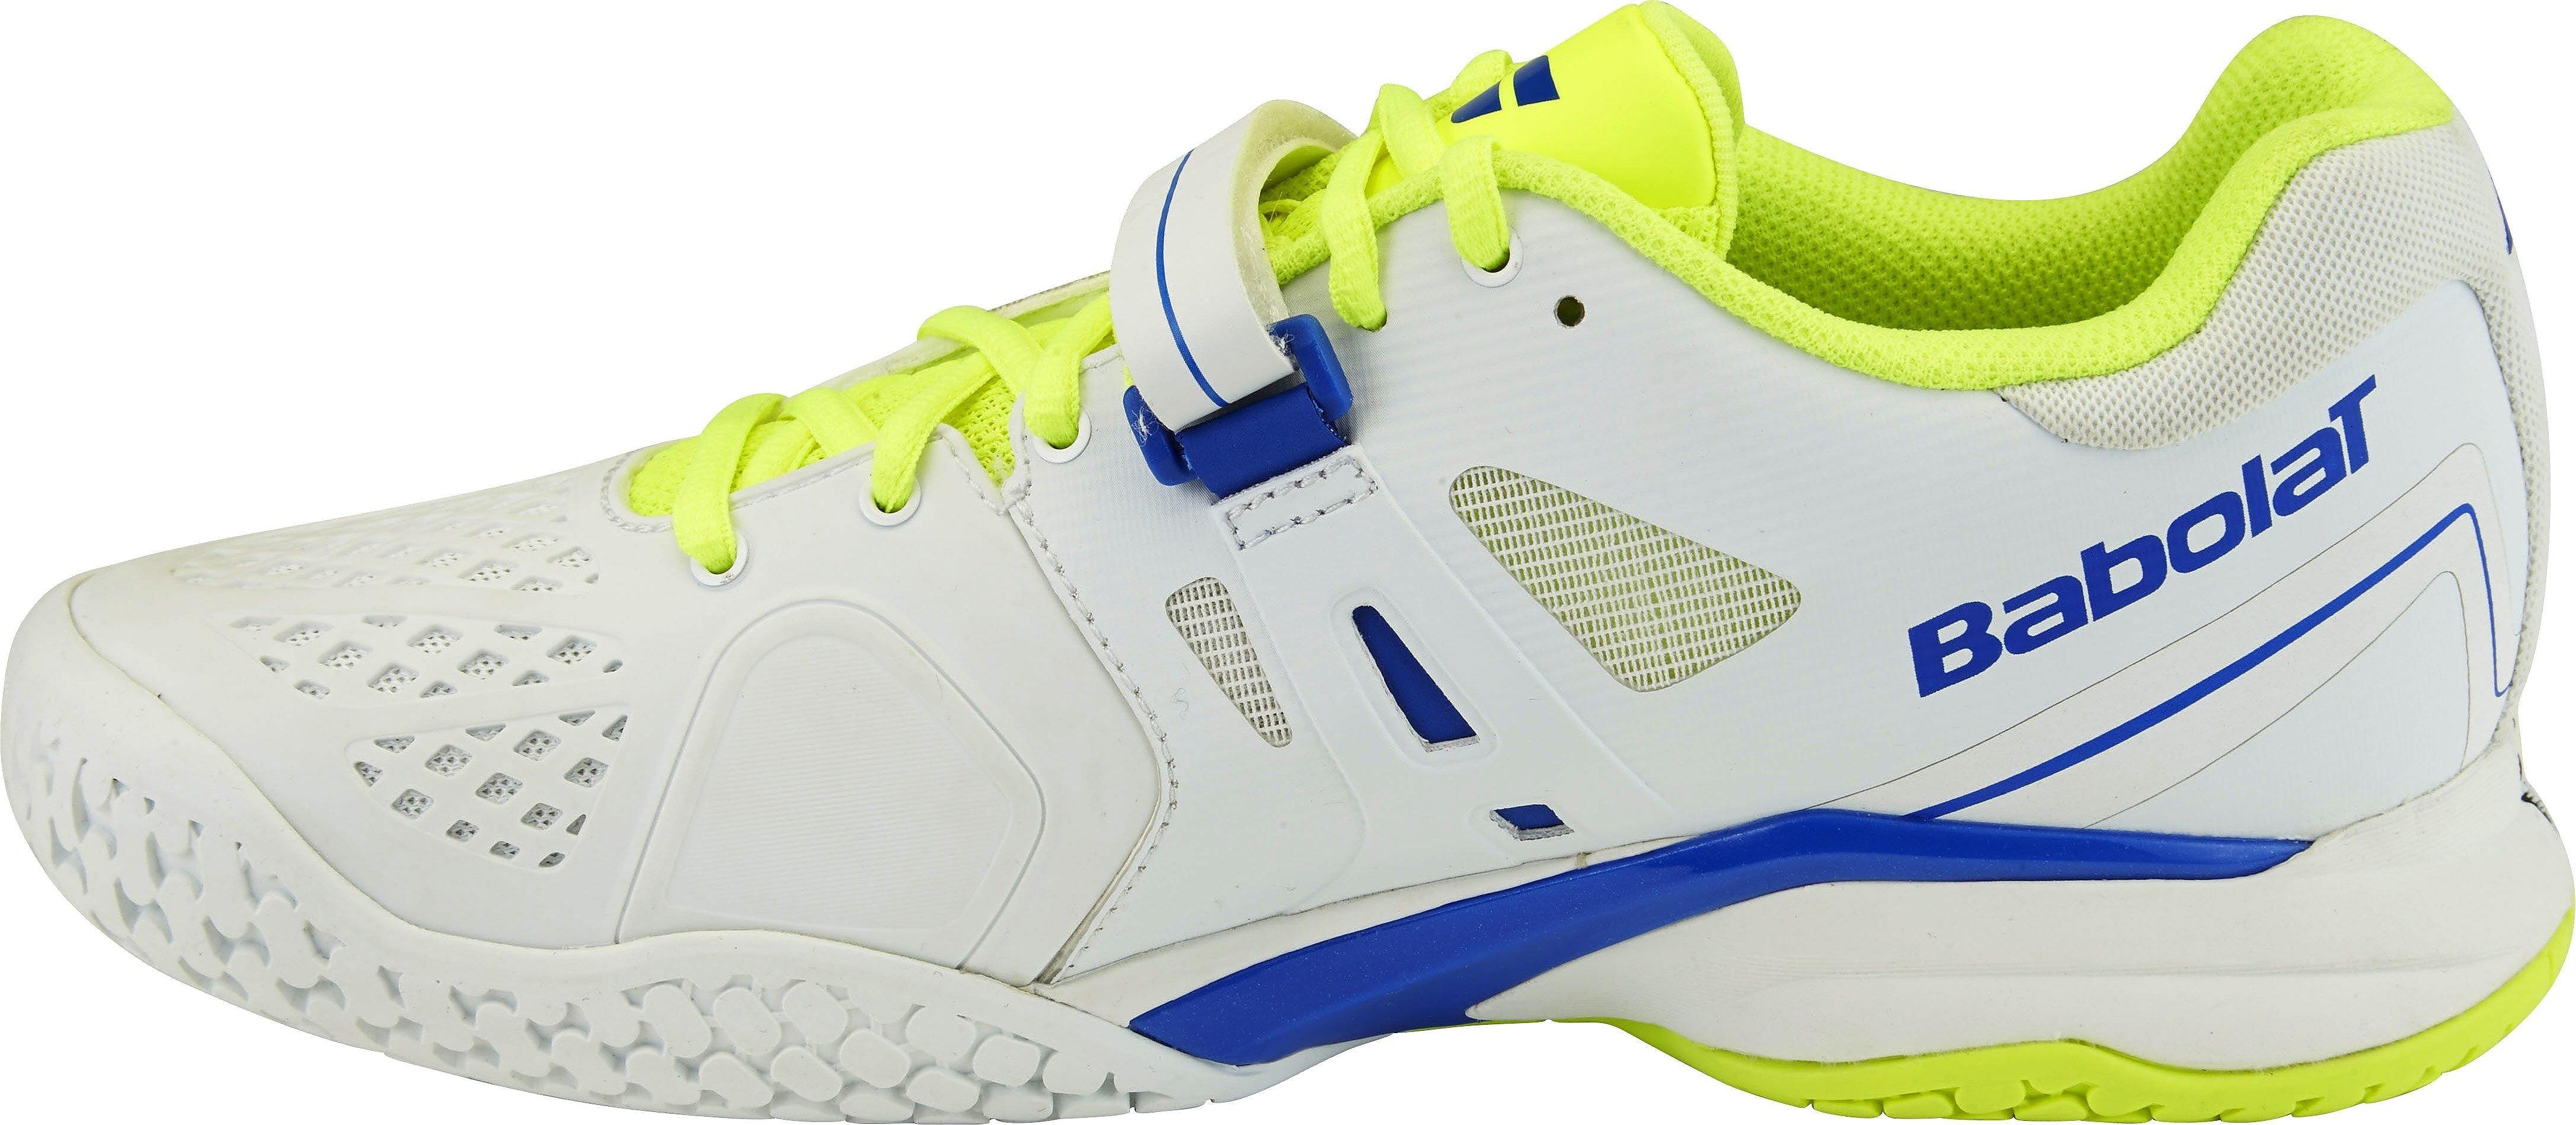 Babolat Men's Propulse All Court Shoe